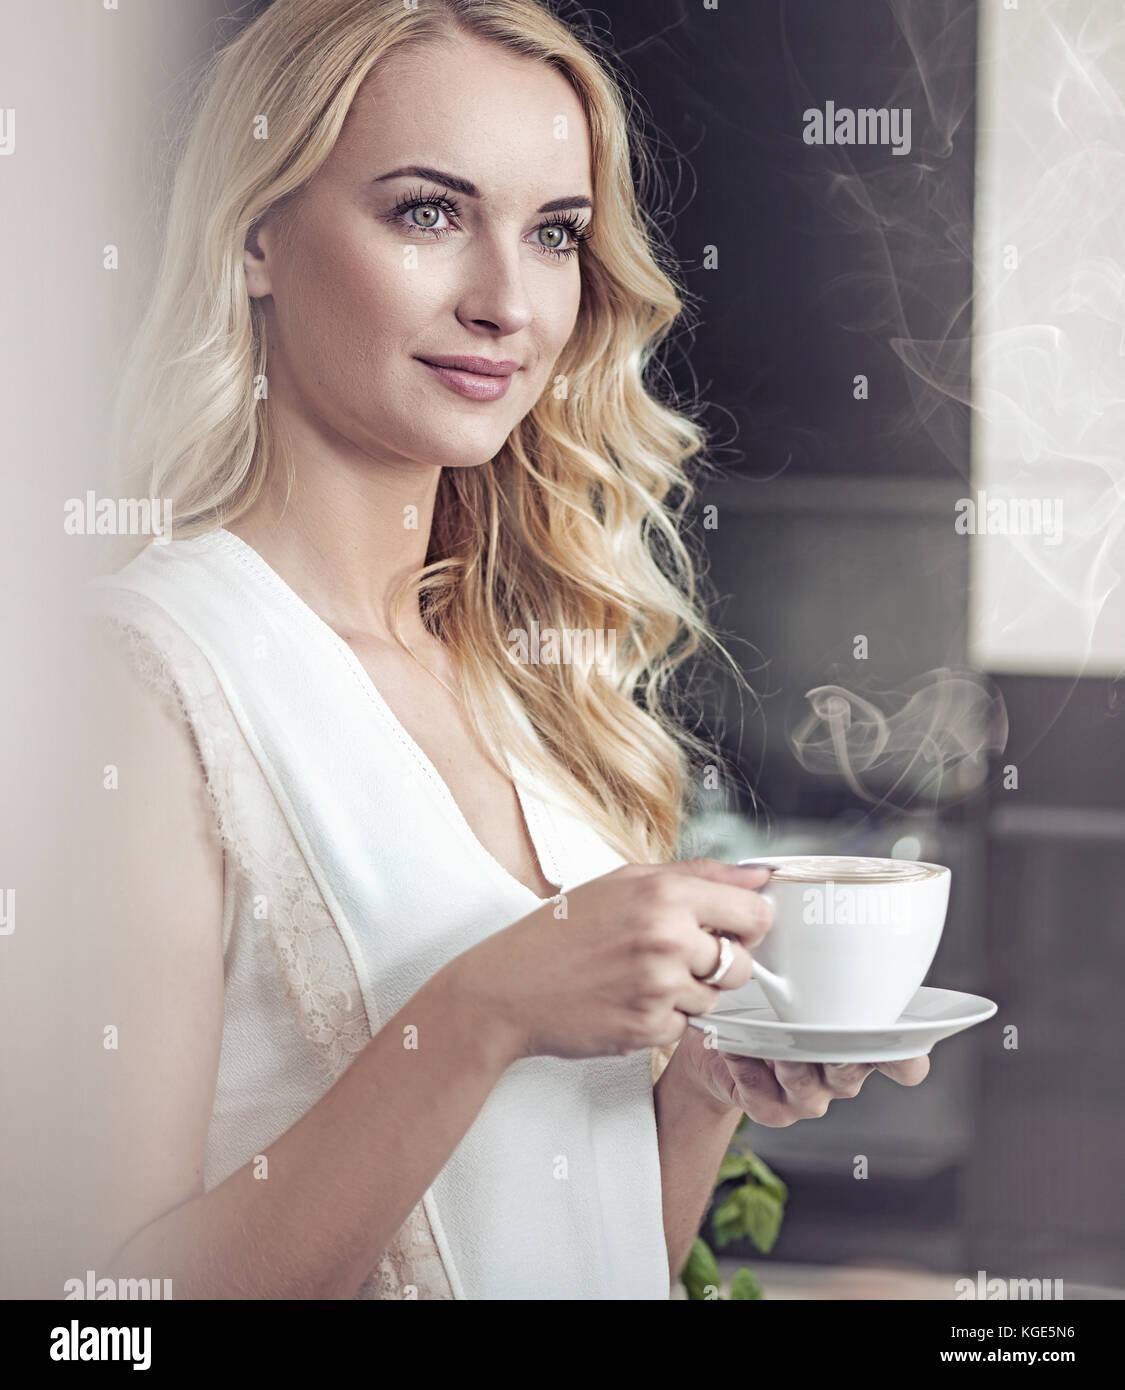 Retrato de una dama bonita rubia beber una taza de café Imagen De Stock